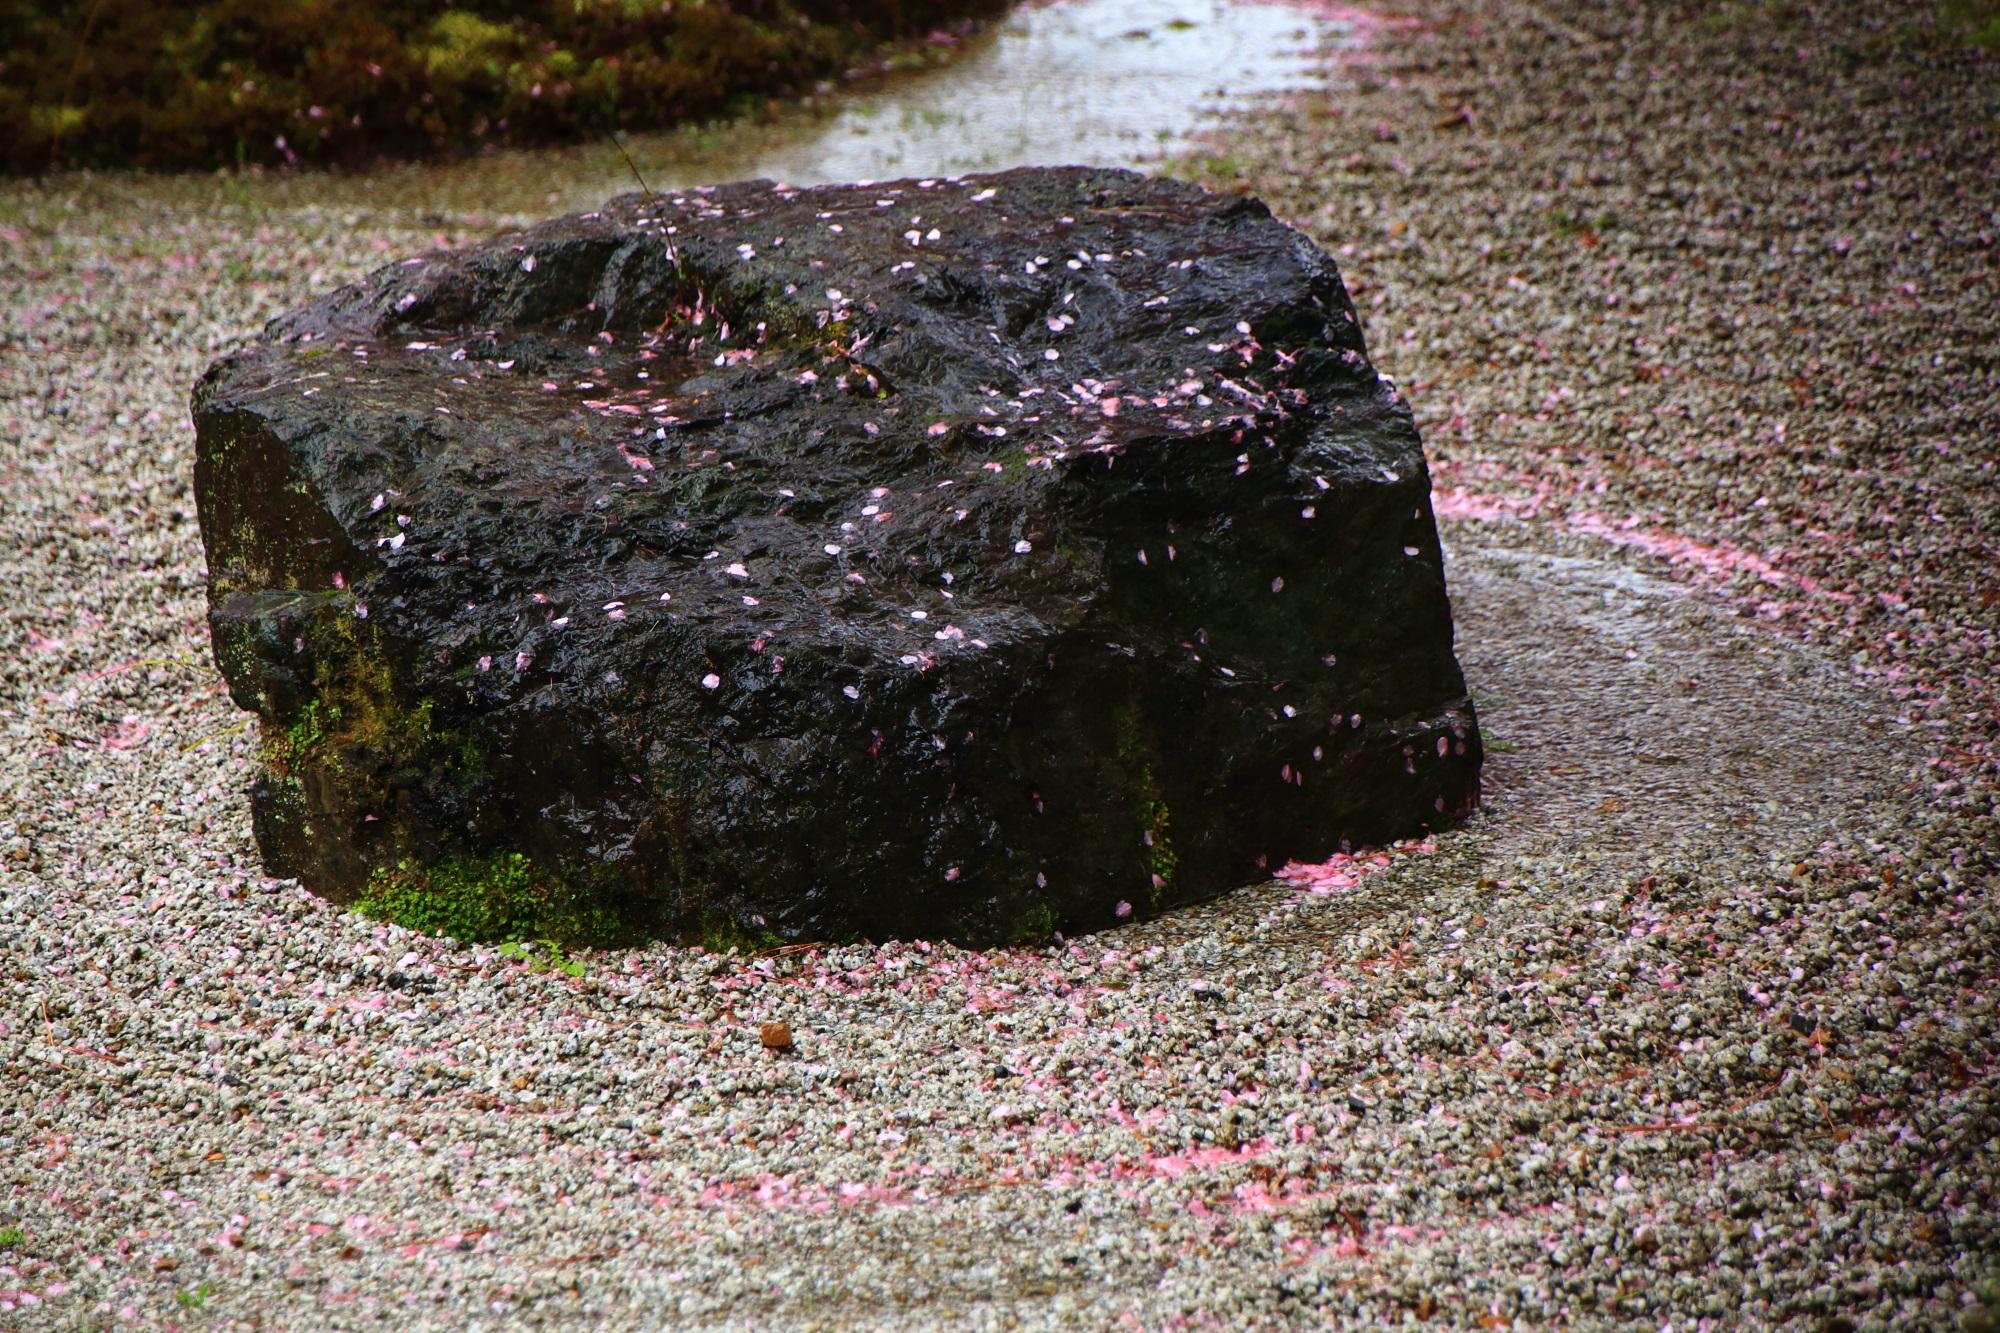 華やかに桜の花びらが散った岩や文様の入った砂